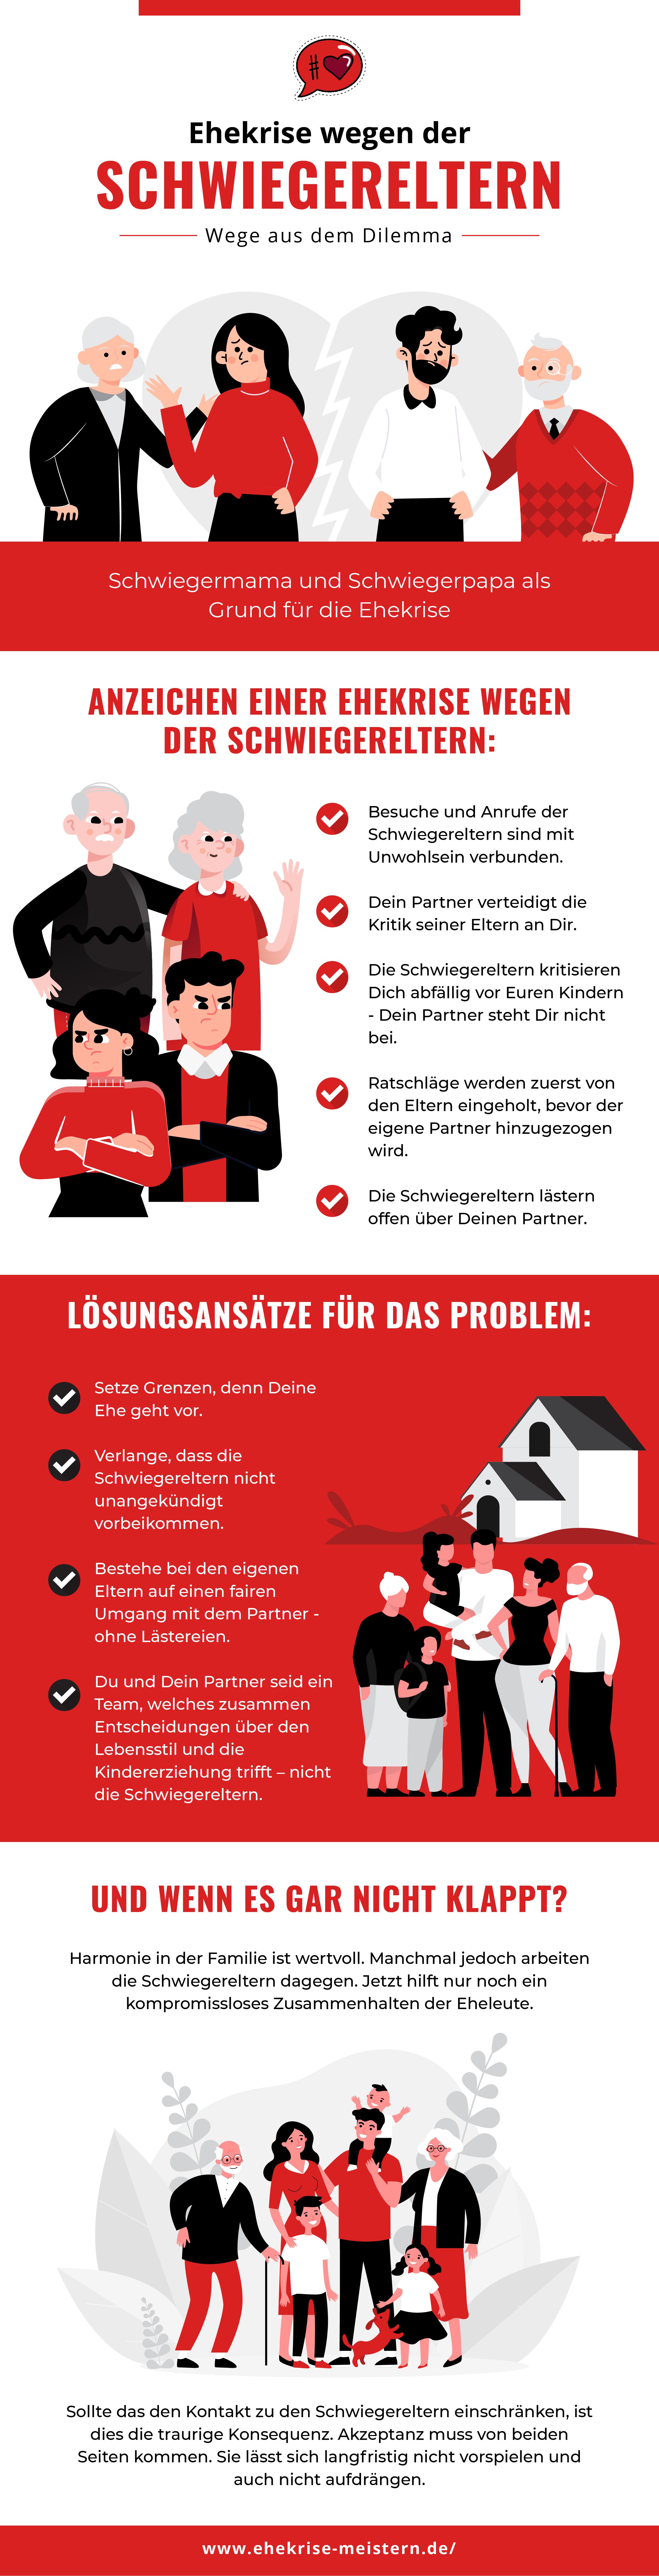 Infografik Ehekrise Wegen Der Schwiegereltern: Wege Aus Dem Dilemma